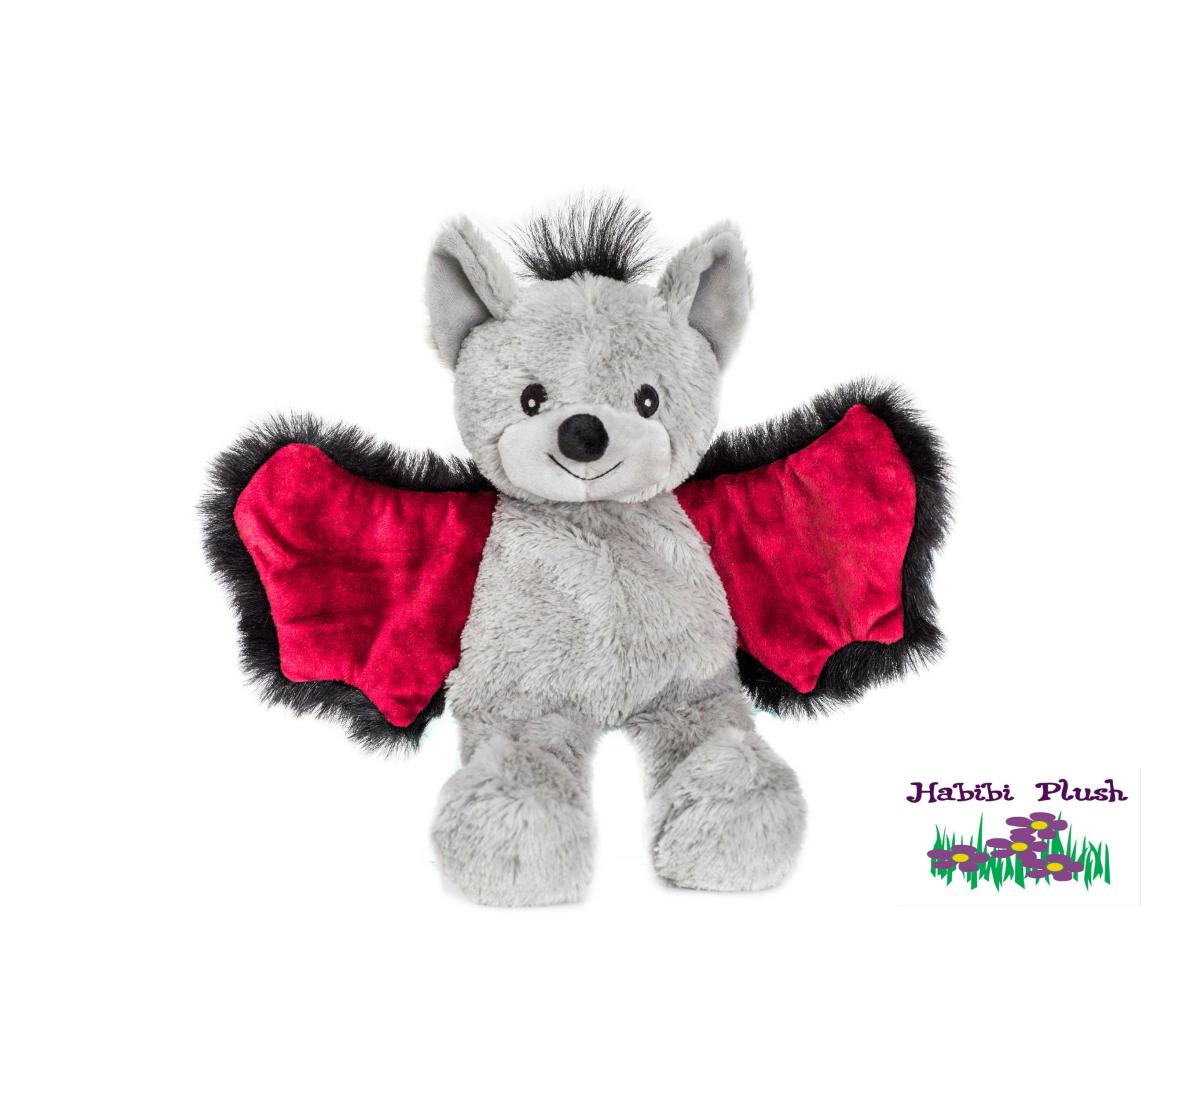 Habibi Plush : Fledermaus Bat Junior mit Klettverschluss